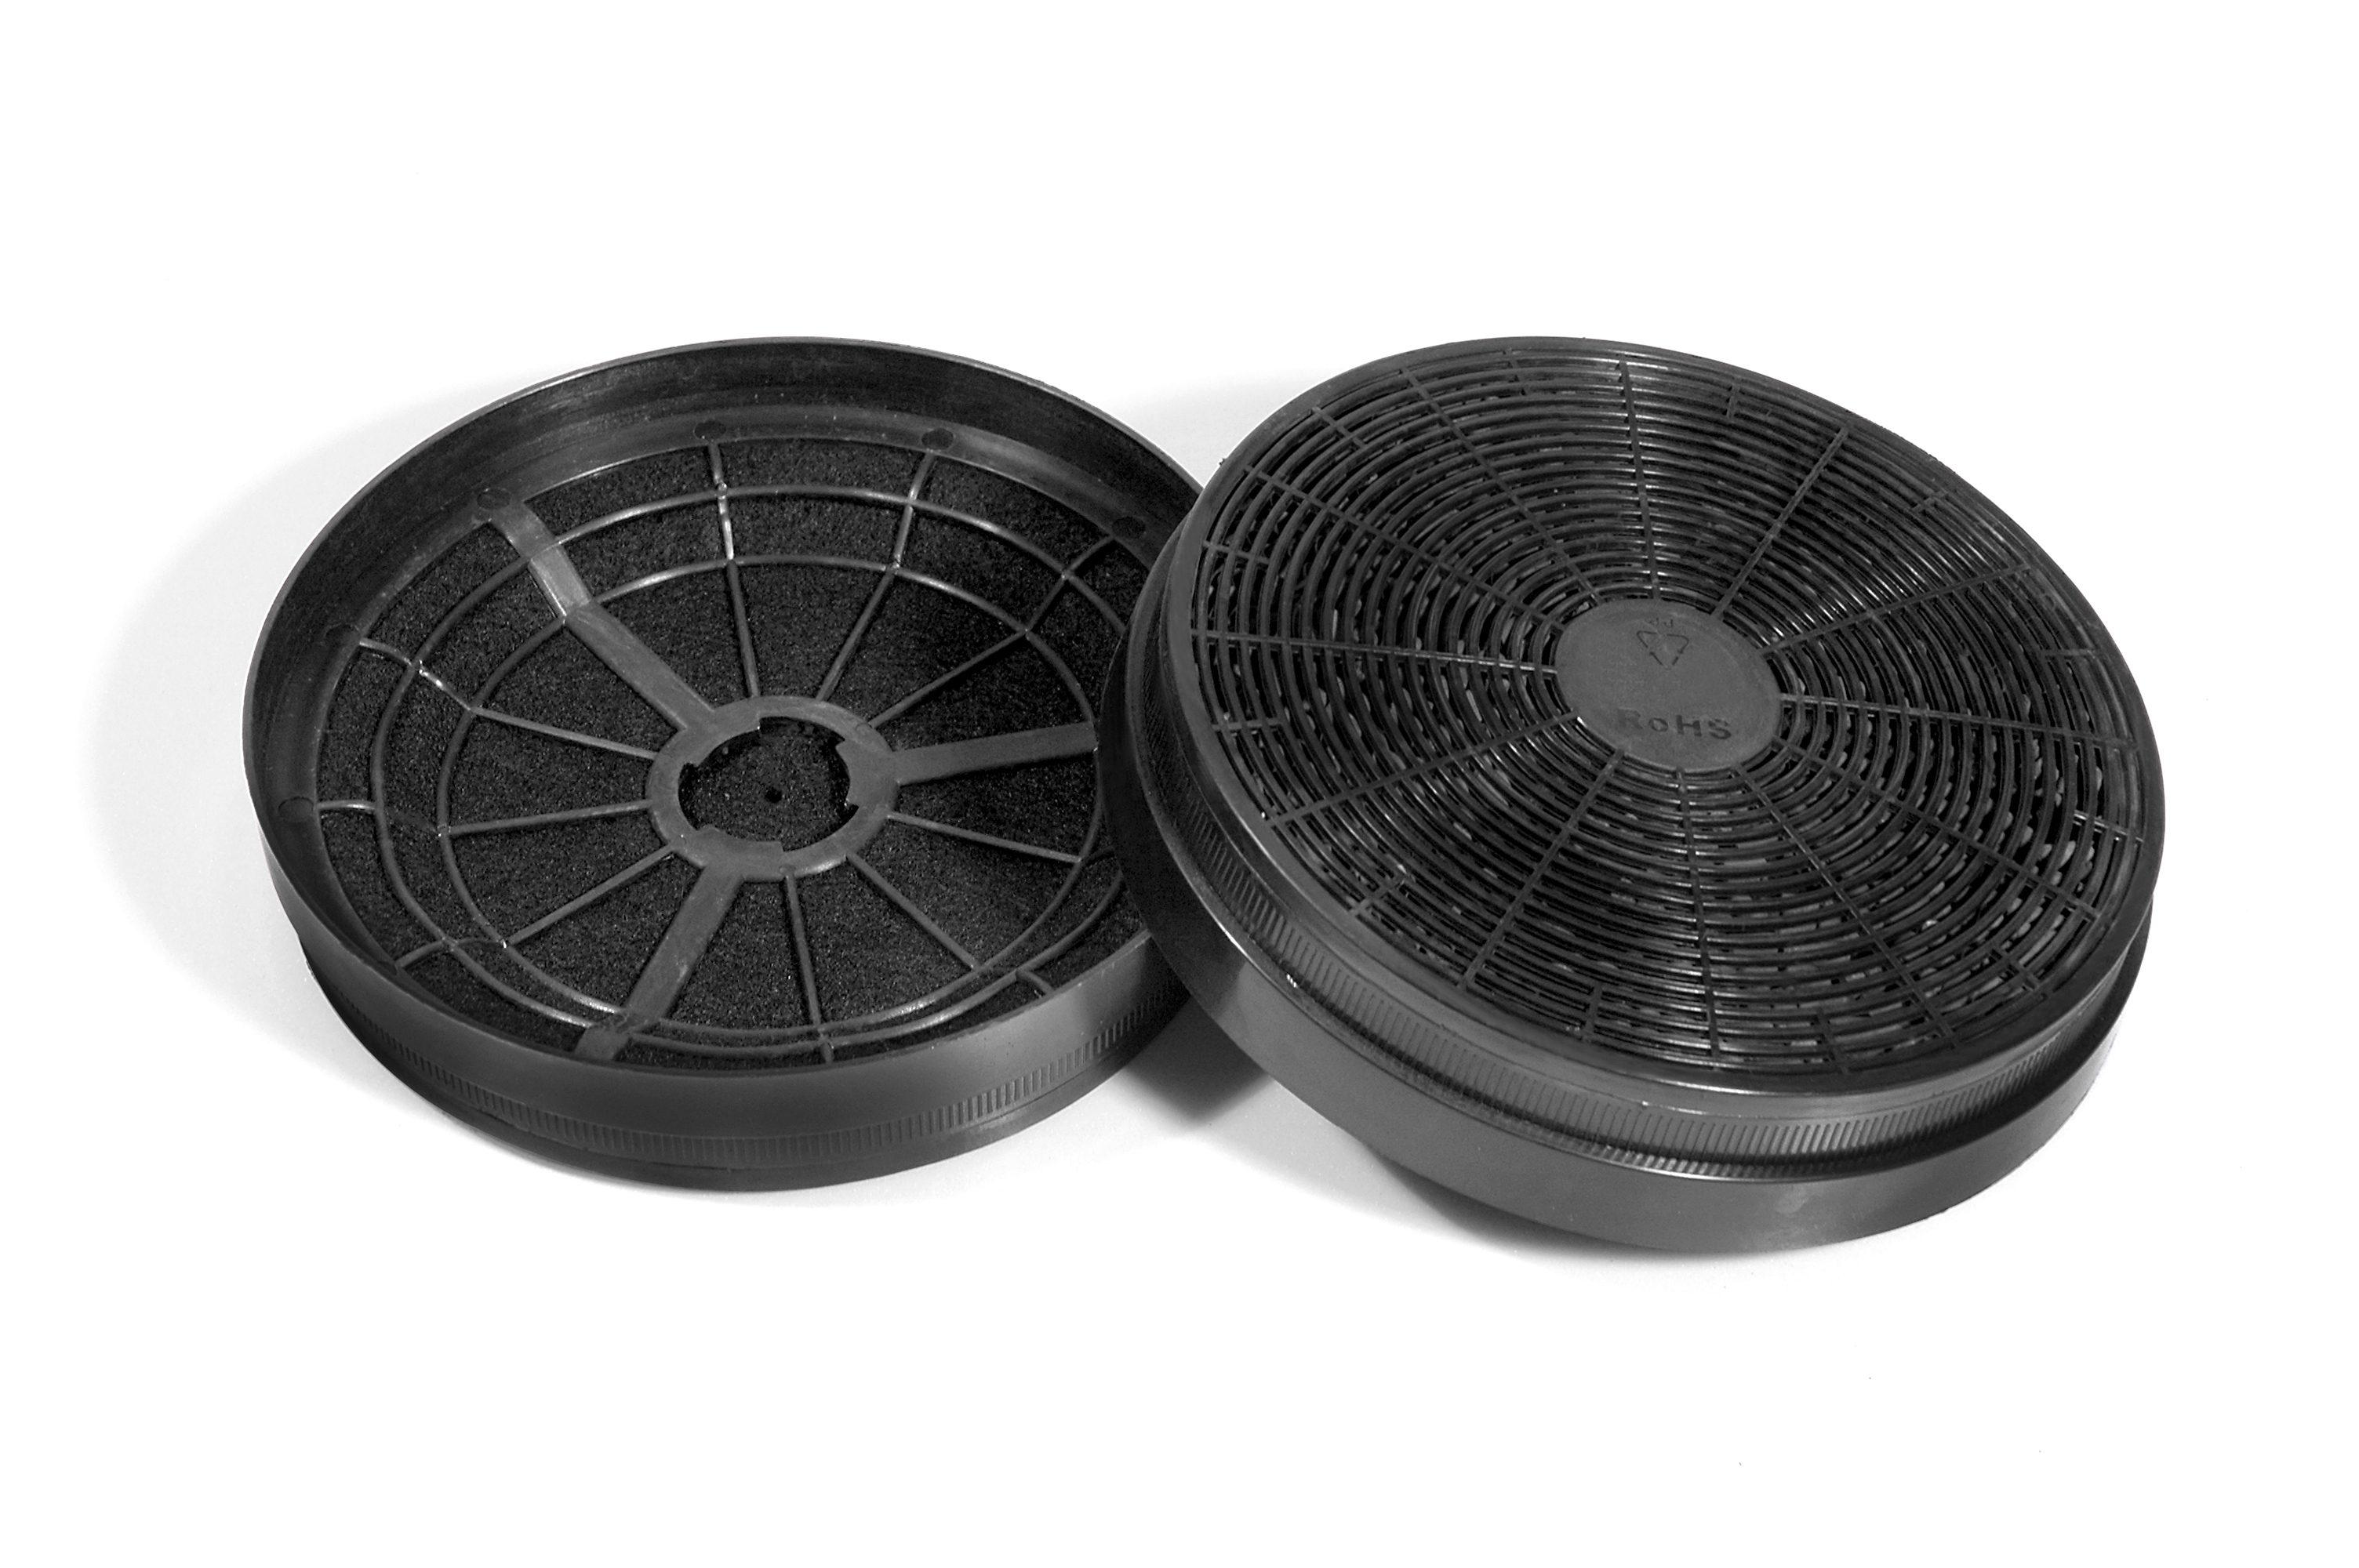 HELD MÖBEL Kohlefilter CF 110 2 Stück Technik & Freizeit/Elektrogeräte/Haushaltsgeräte/Dunstabzugshauben/Zubehör für Dunstabzugshauben